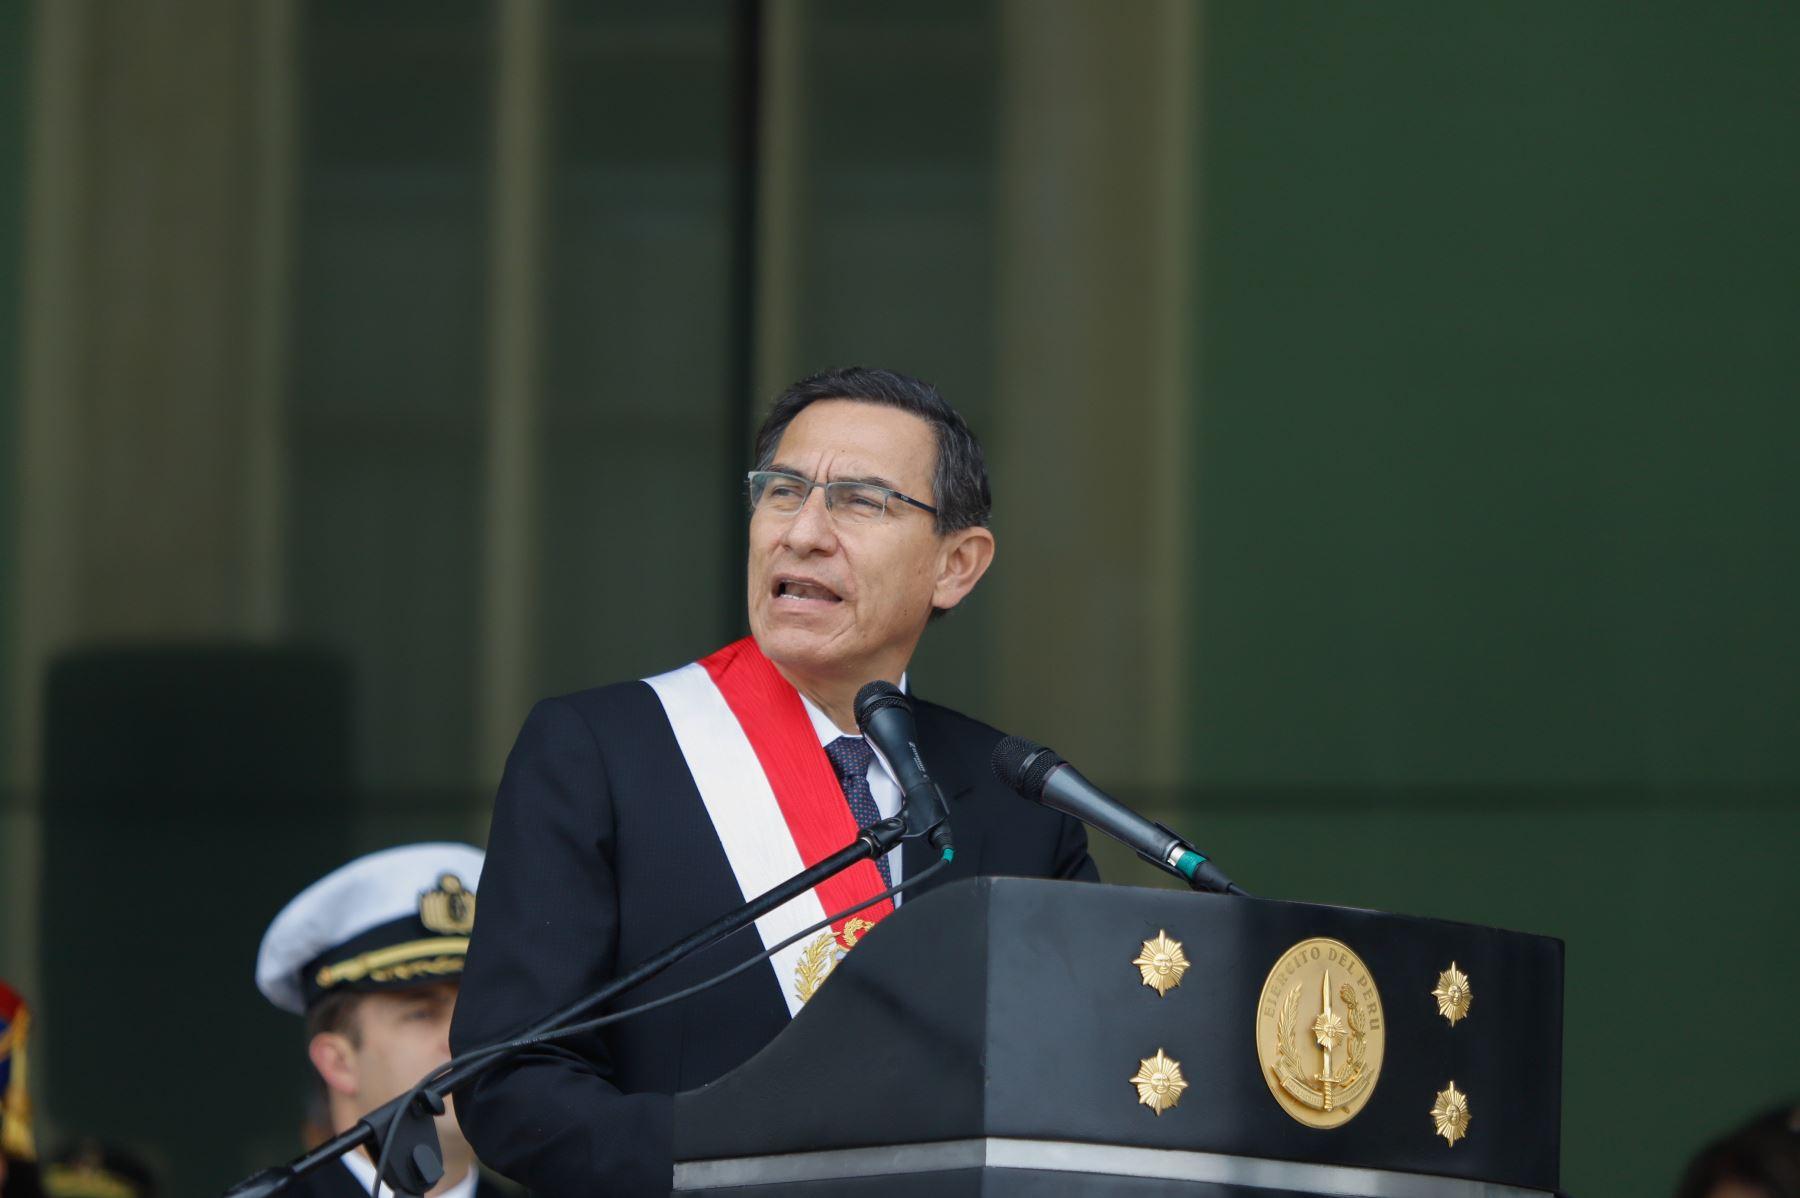 Presidente Martín Vizcarra presidió la ceremonia por el Día de la Creación del Ejército del Perú Republicano, en la explanada del Comando de Educación y Doctrina del Ejército.Foto.ANDINA/Prensa Presidencia